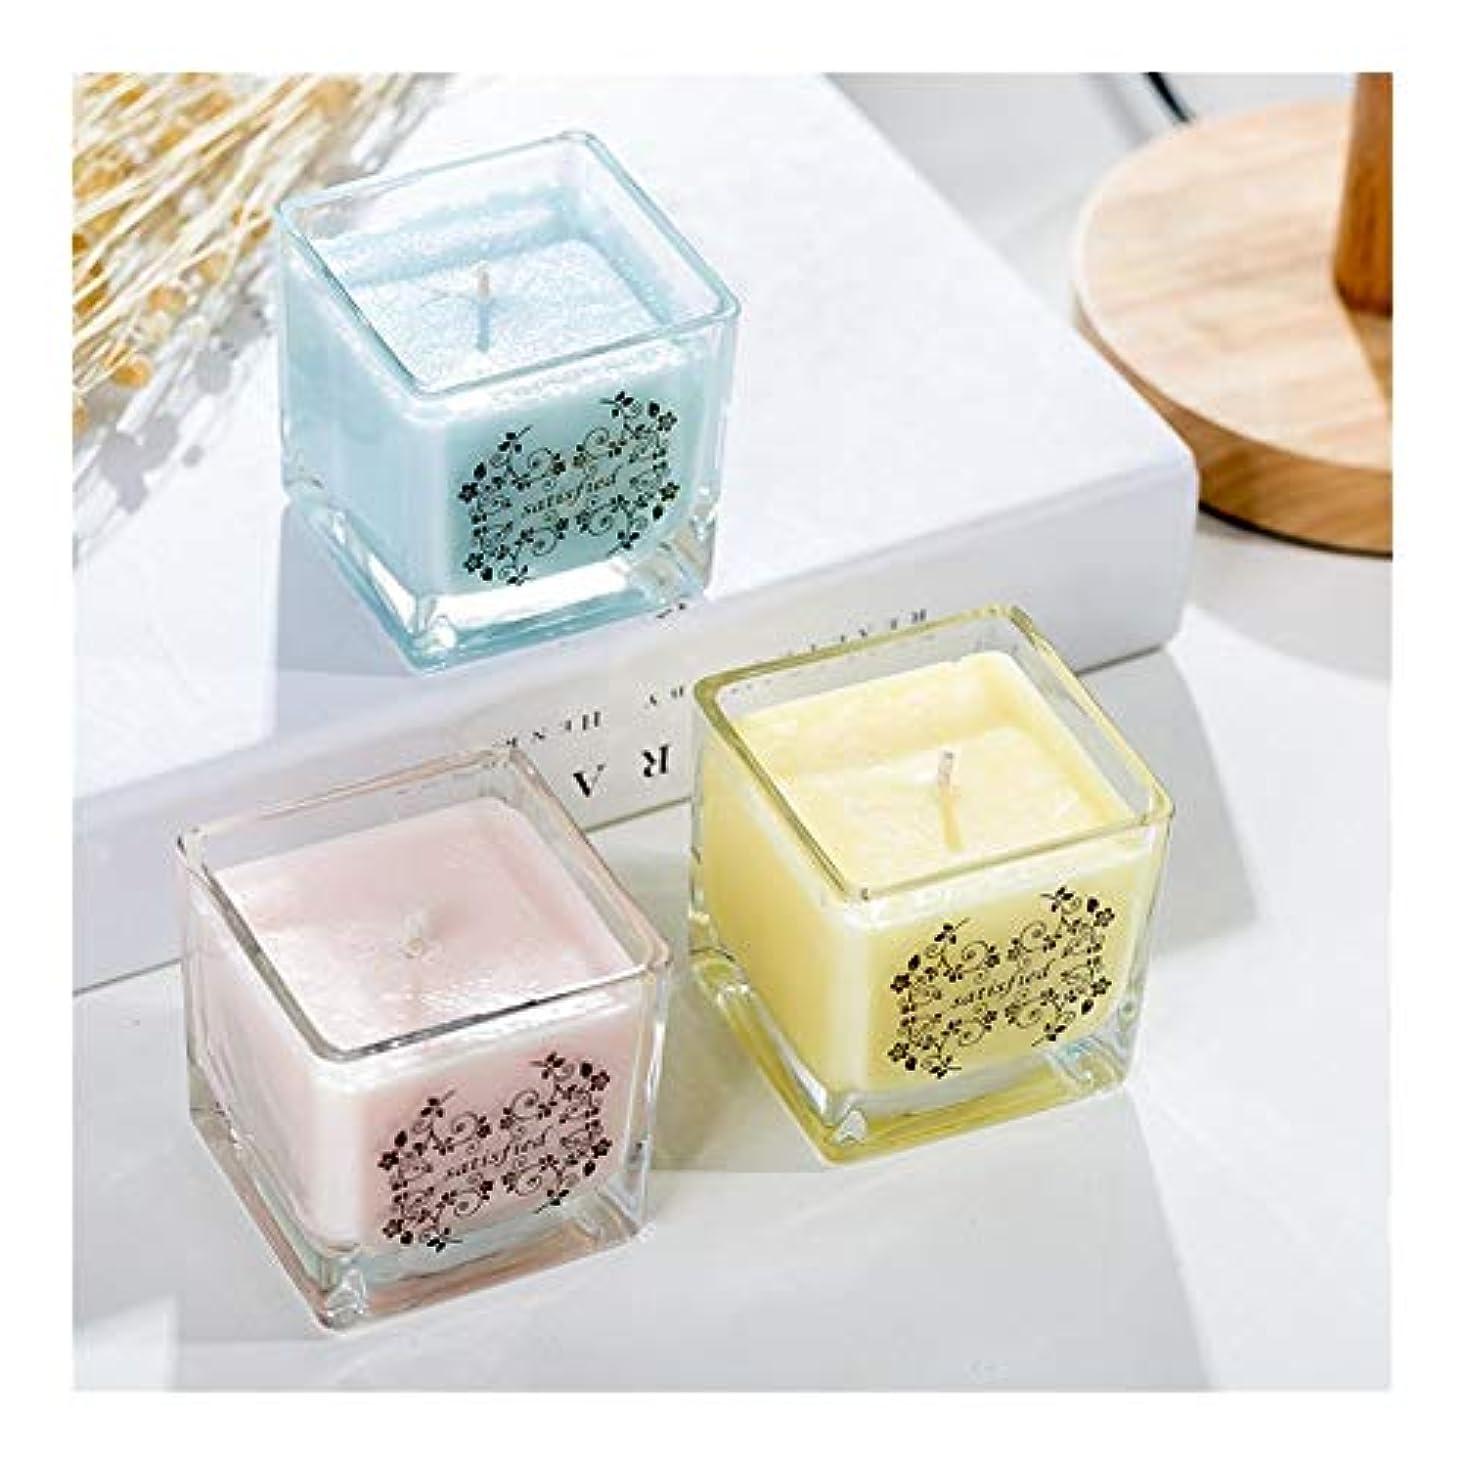 コースロードハウス治安判事ACAO 正方形の無煙ガラスの大豆の香料入りの蝋燭の屋内新鮮な空気のラベンダーの香り (色 : Lemon)